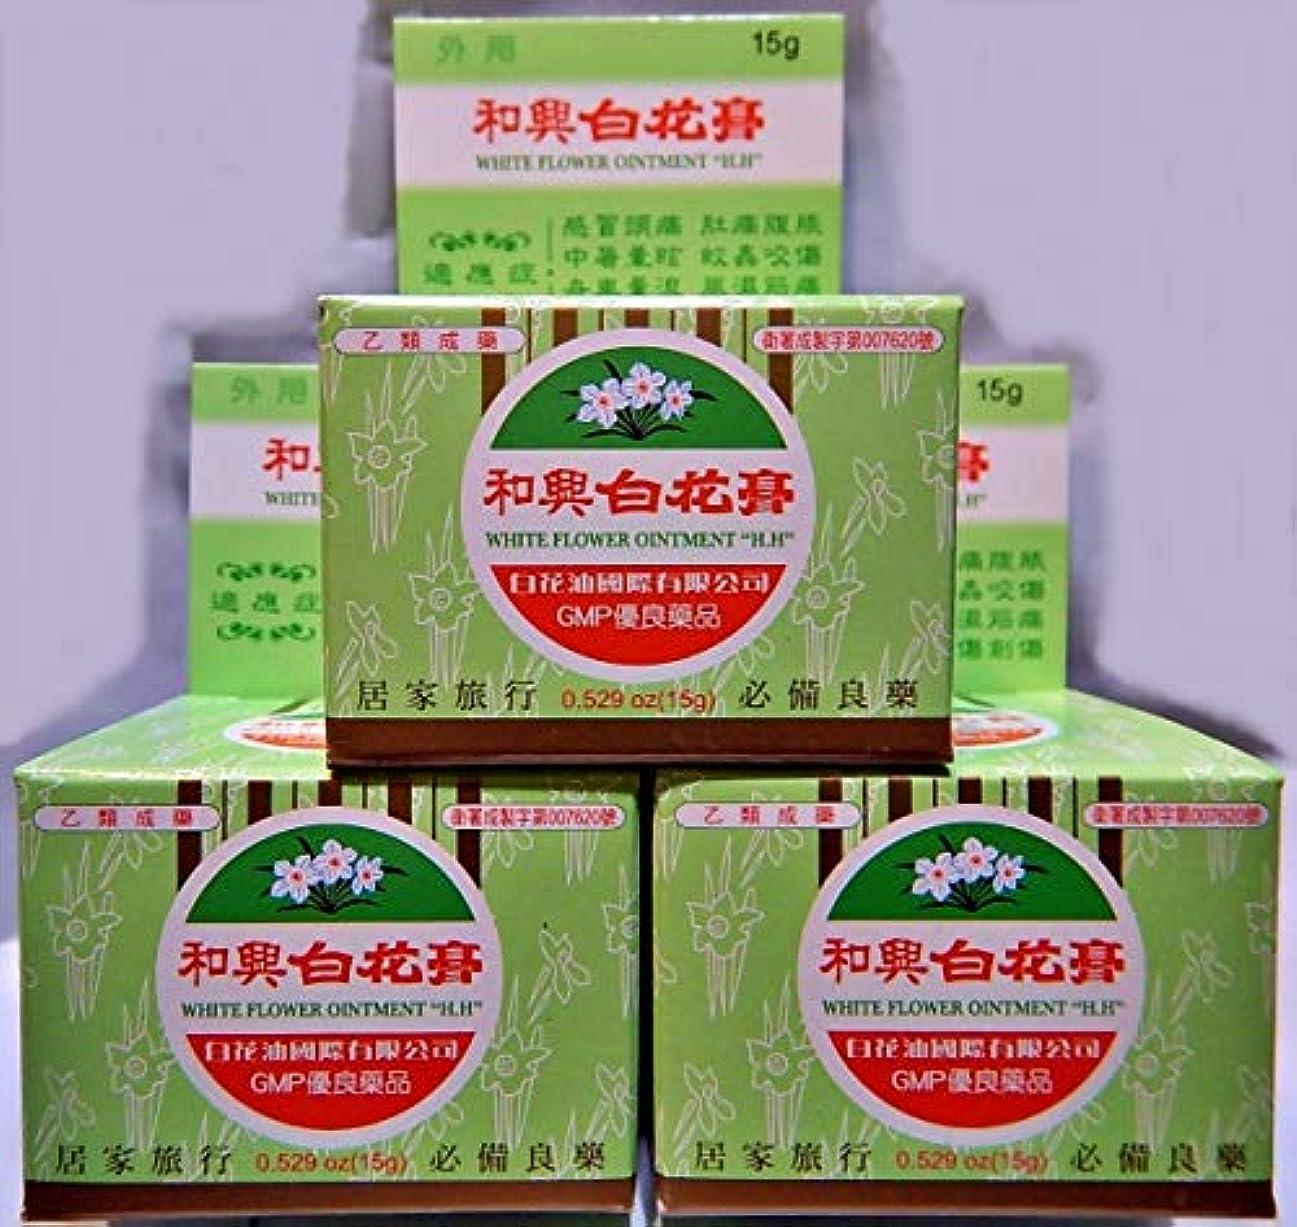 文明化するかわすスペシャリスト《和興》白花膏 15g(白花油軟膏タイプ)× 3個《台湾 お土産》 [並行輸入品]